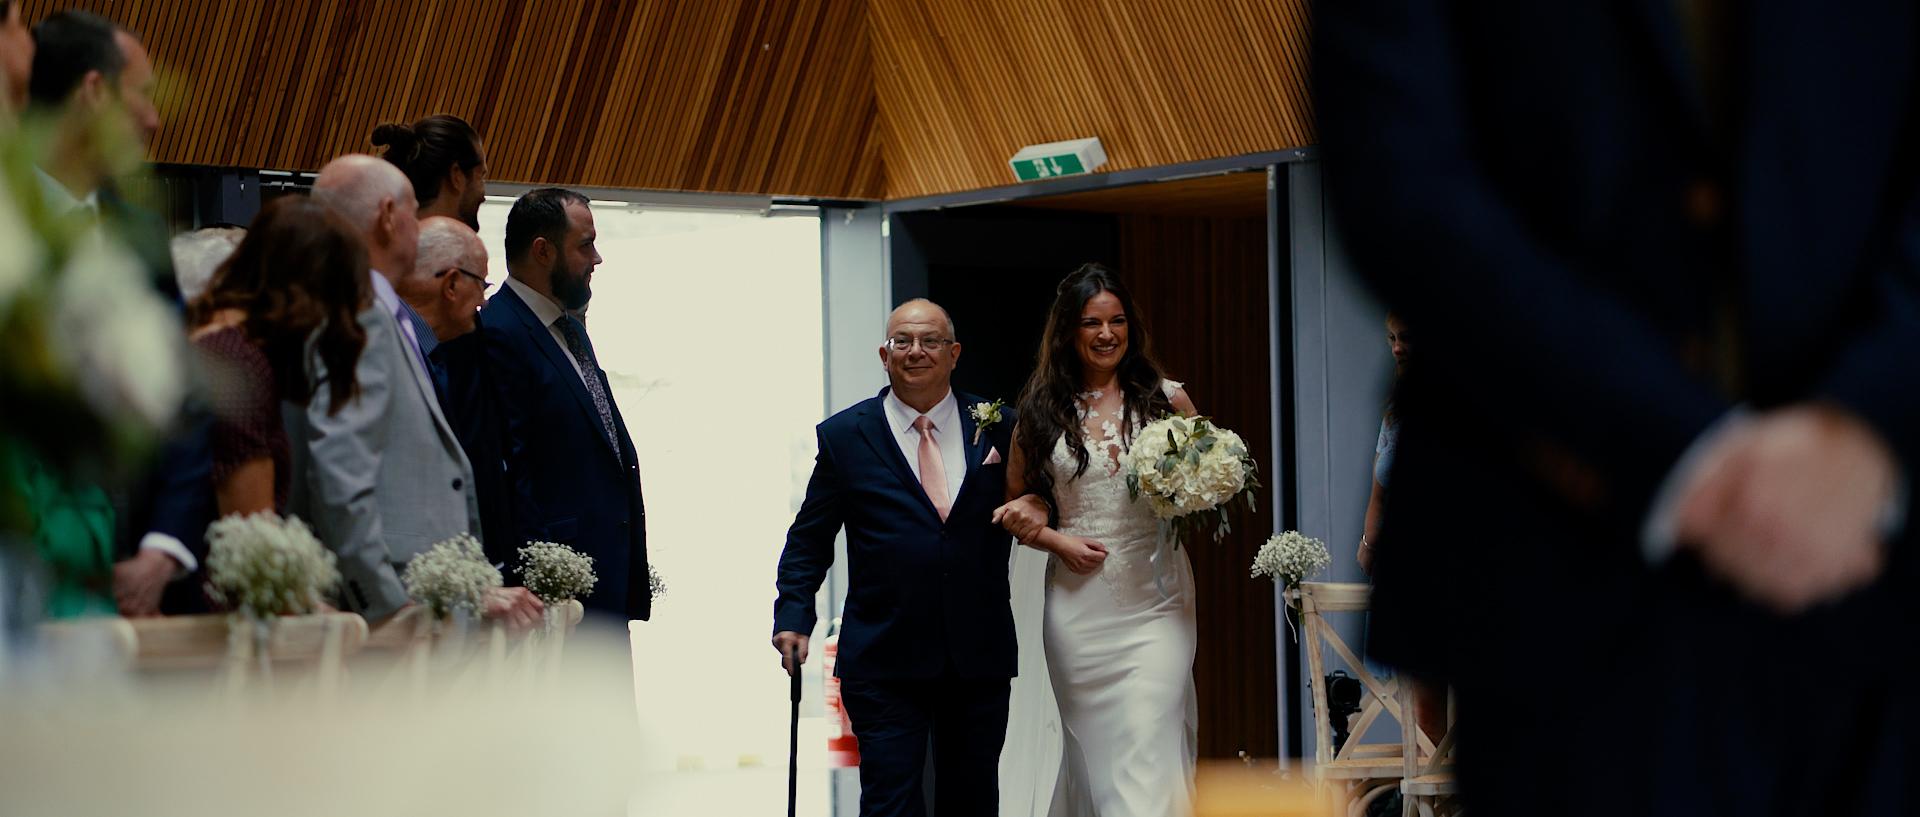 Ian-Kate-Brockholes-wedding-1